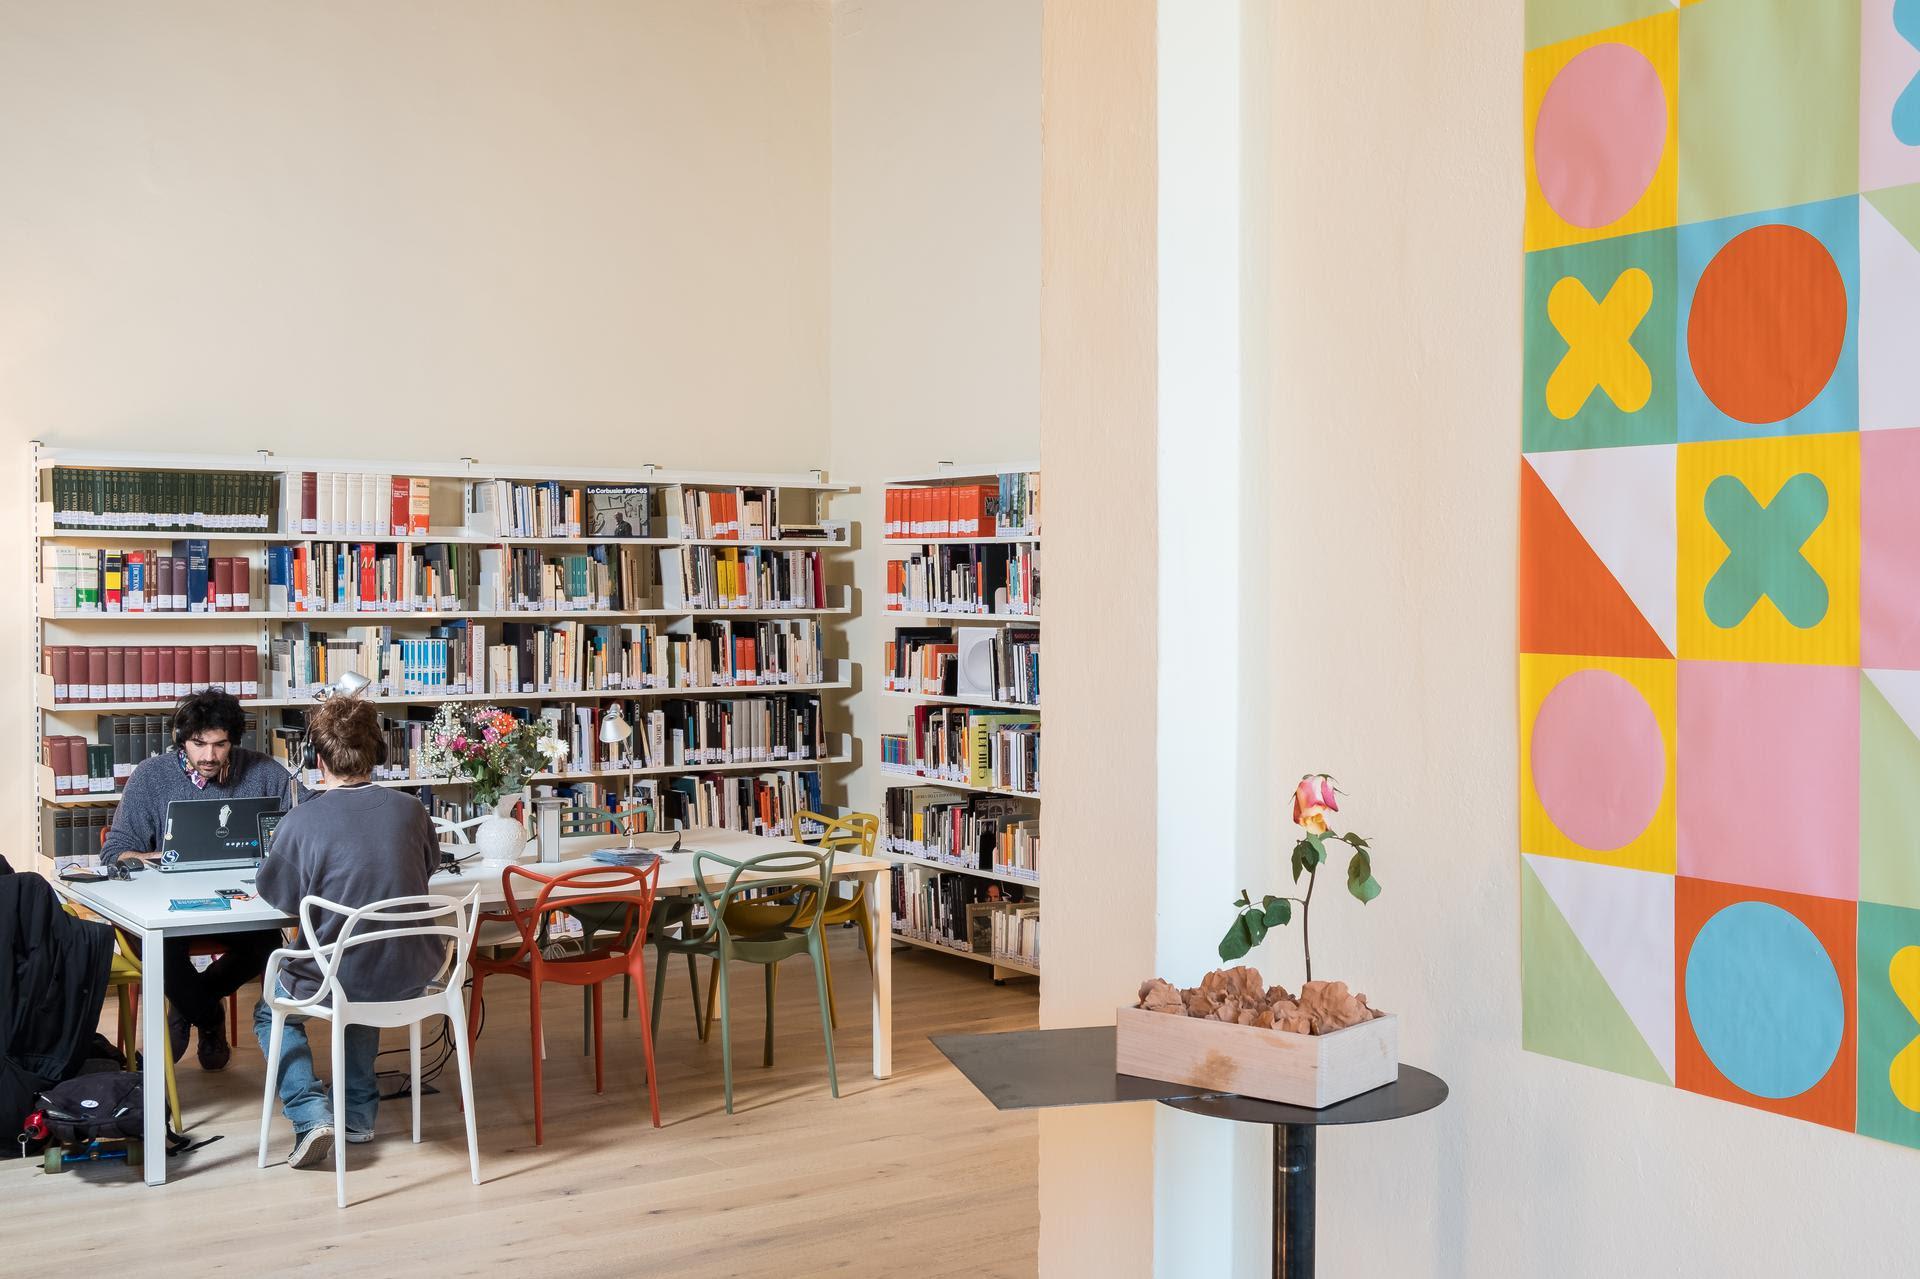 """Biblioteca di design """"Bruno Munari"""", ISIA Design & Comunicazione, Palazzo Mazzolani, Faenza. Courtesy ISIA Faenza Design & Comunicazione. Photo © Marco Piffari."""